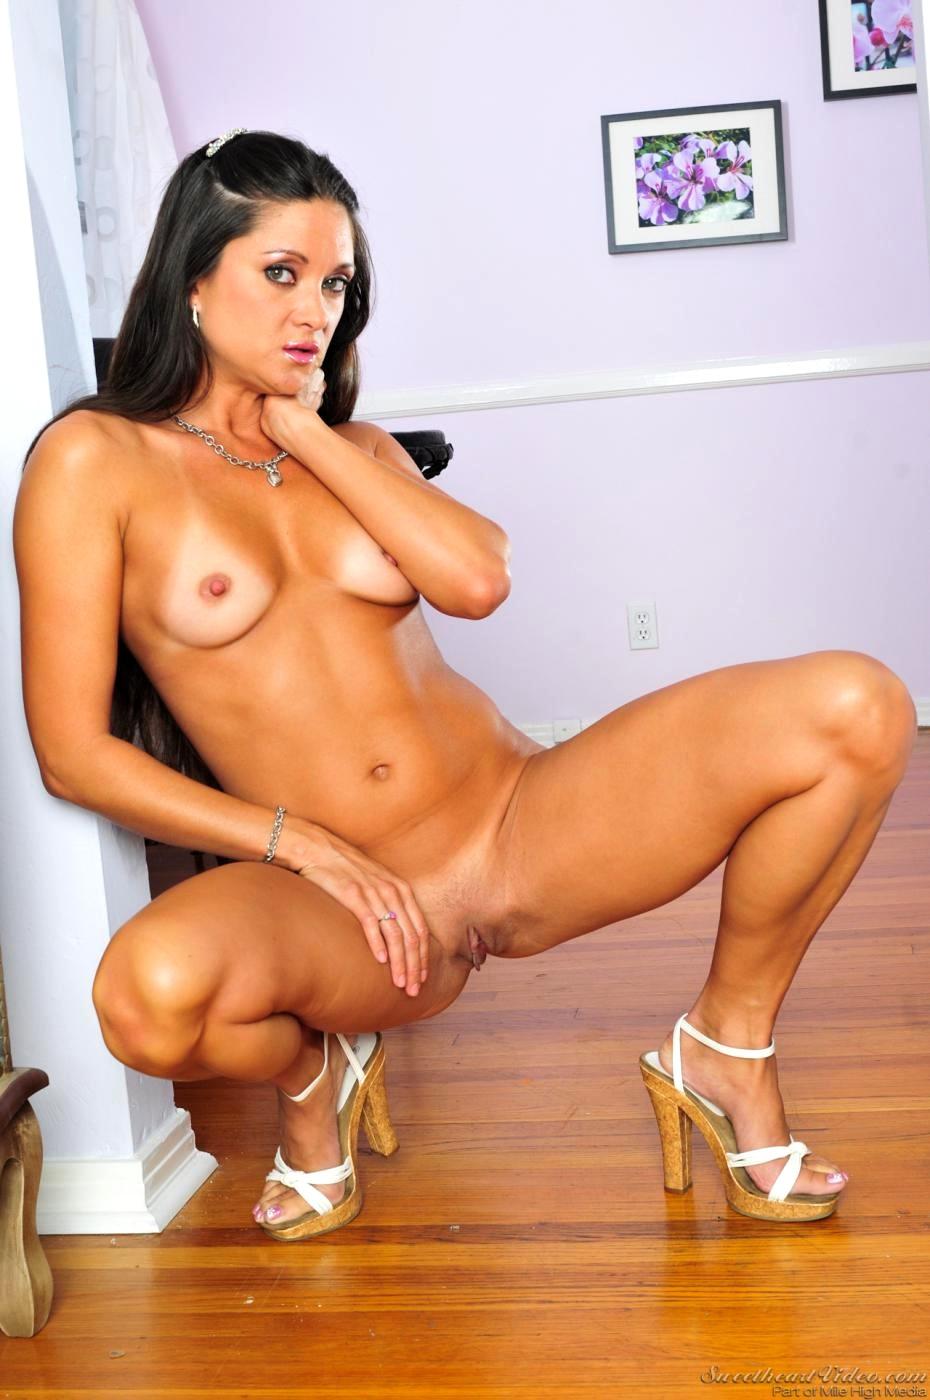 Stephanie swift free porn — photo 10